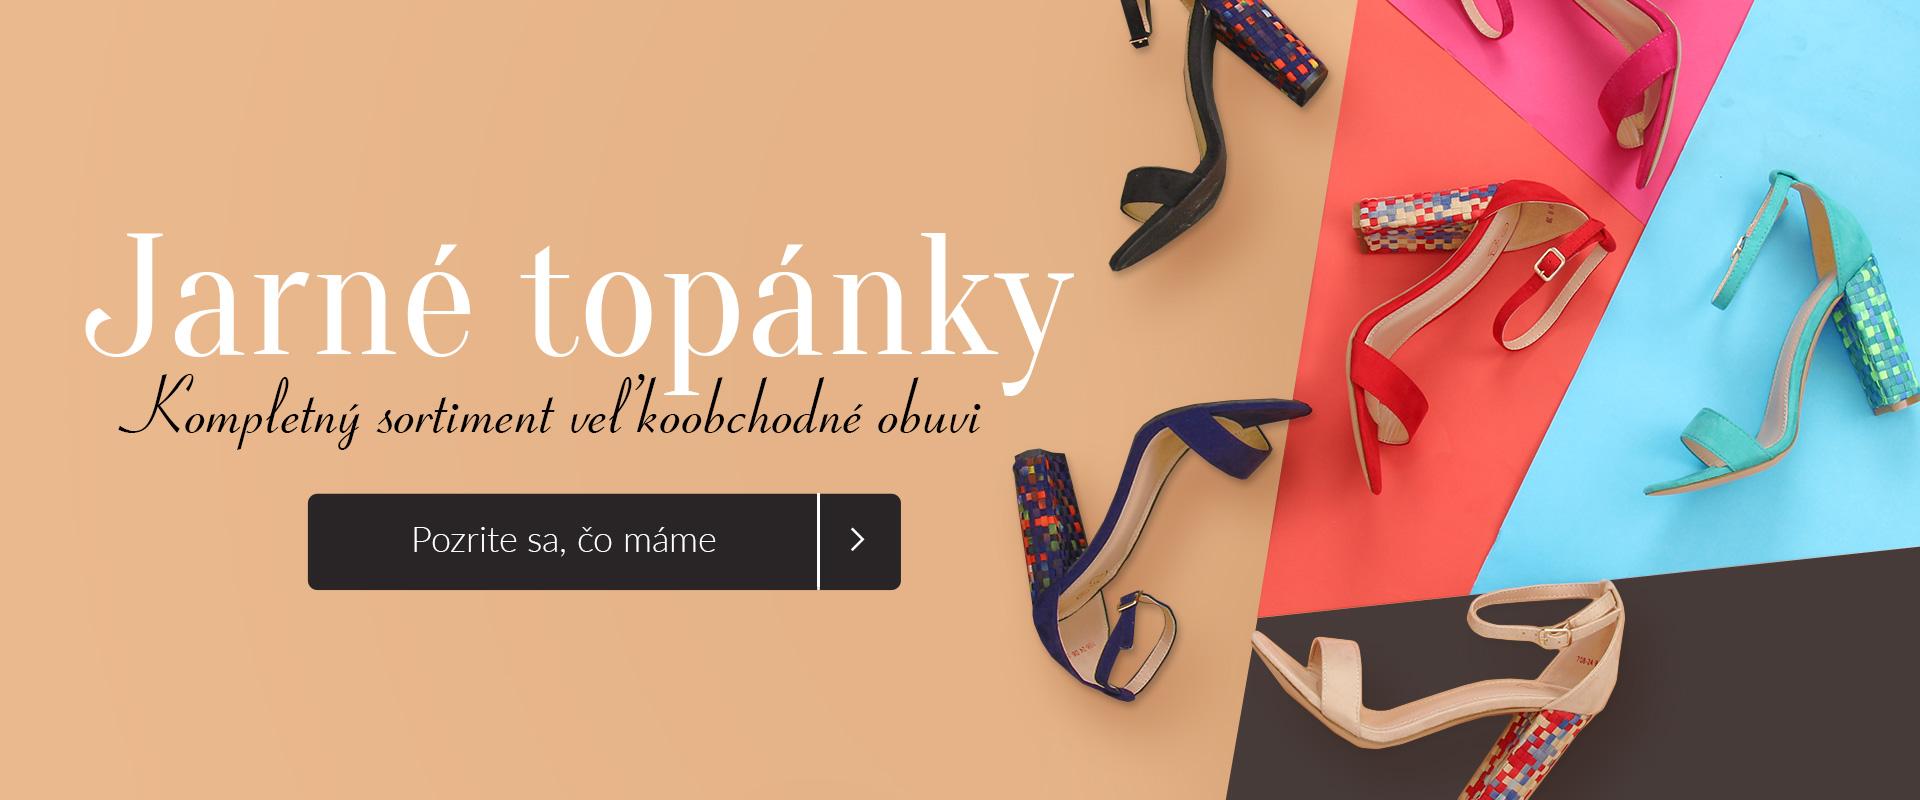 3bfef14a1 Internetový veľkoobchod - spodná bielizeň, dámske a pánske oblečenie,  topánky, doplnky - Matterhorn Dámská móda, prádlo, damské topánky.